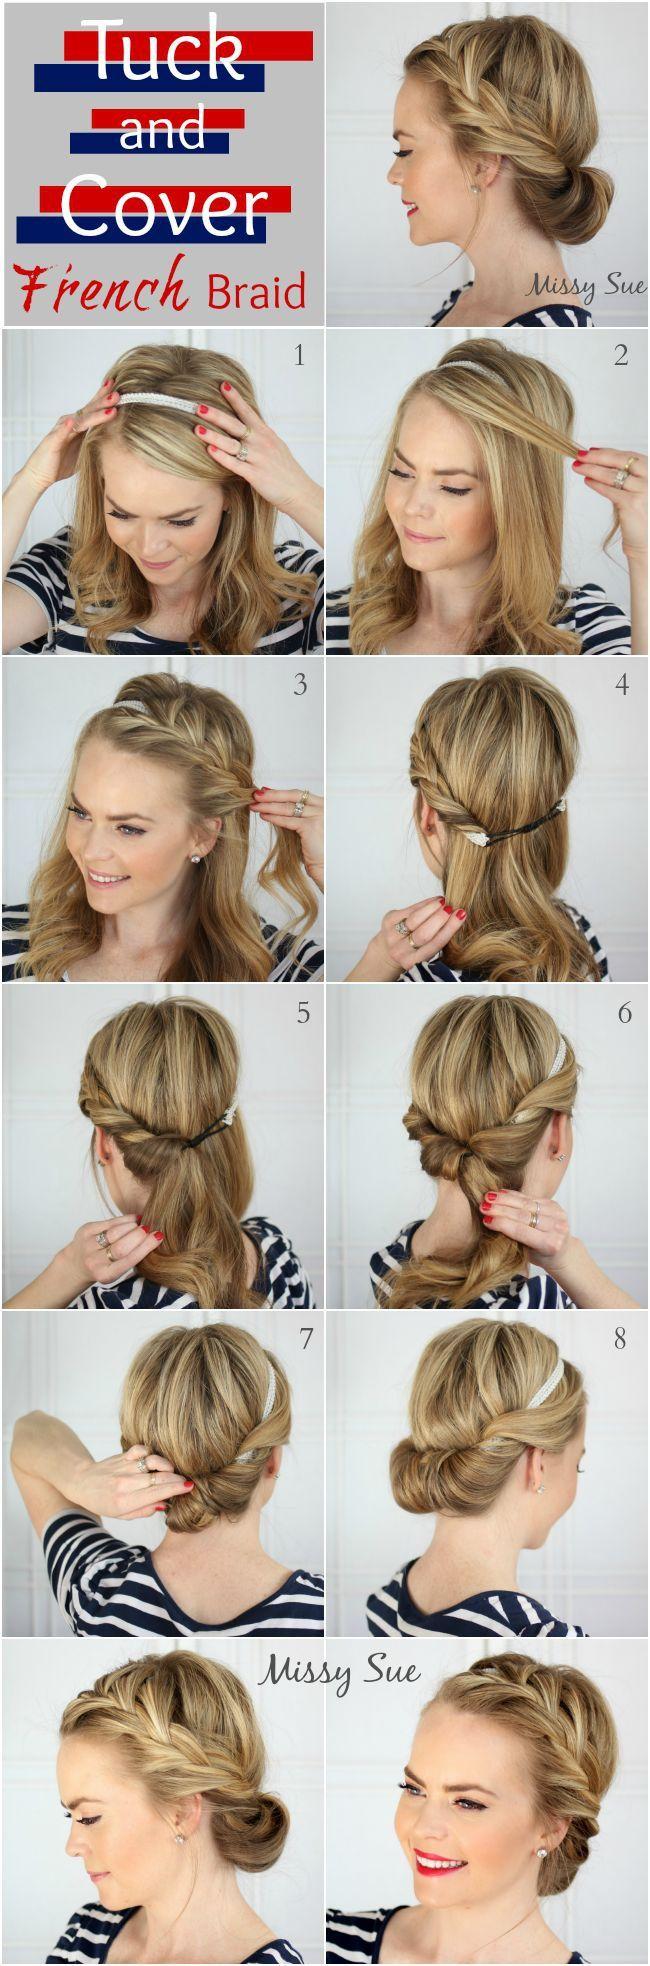 Szybkie fryzury na egzamin - 25 upięć krok po kroku - Strona 6 | Styl.fm